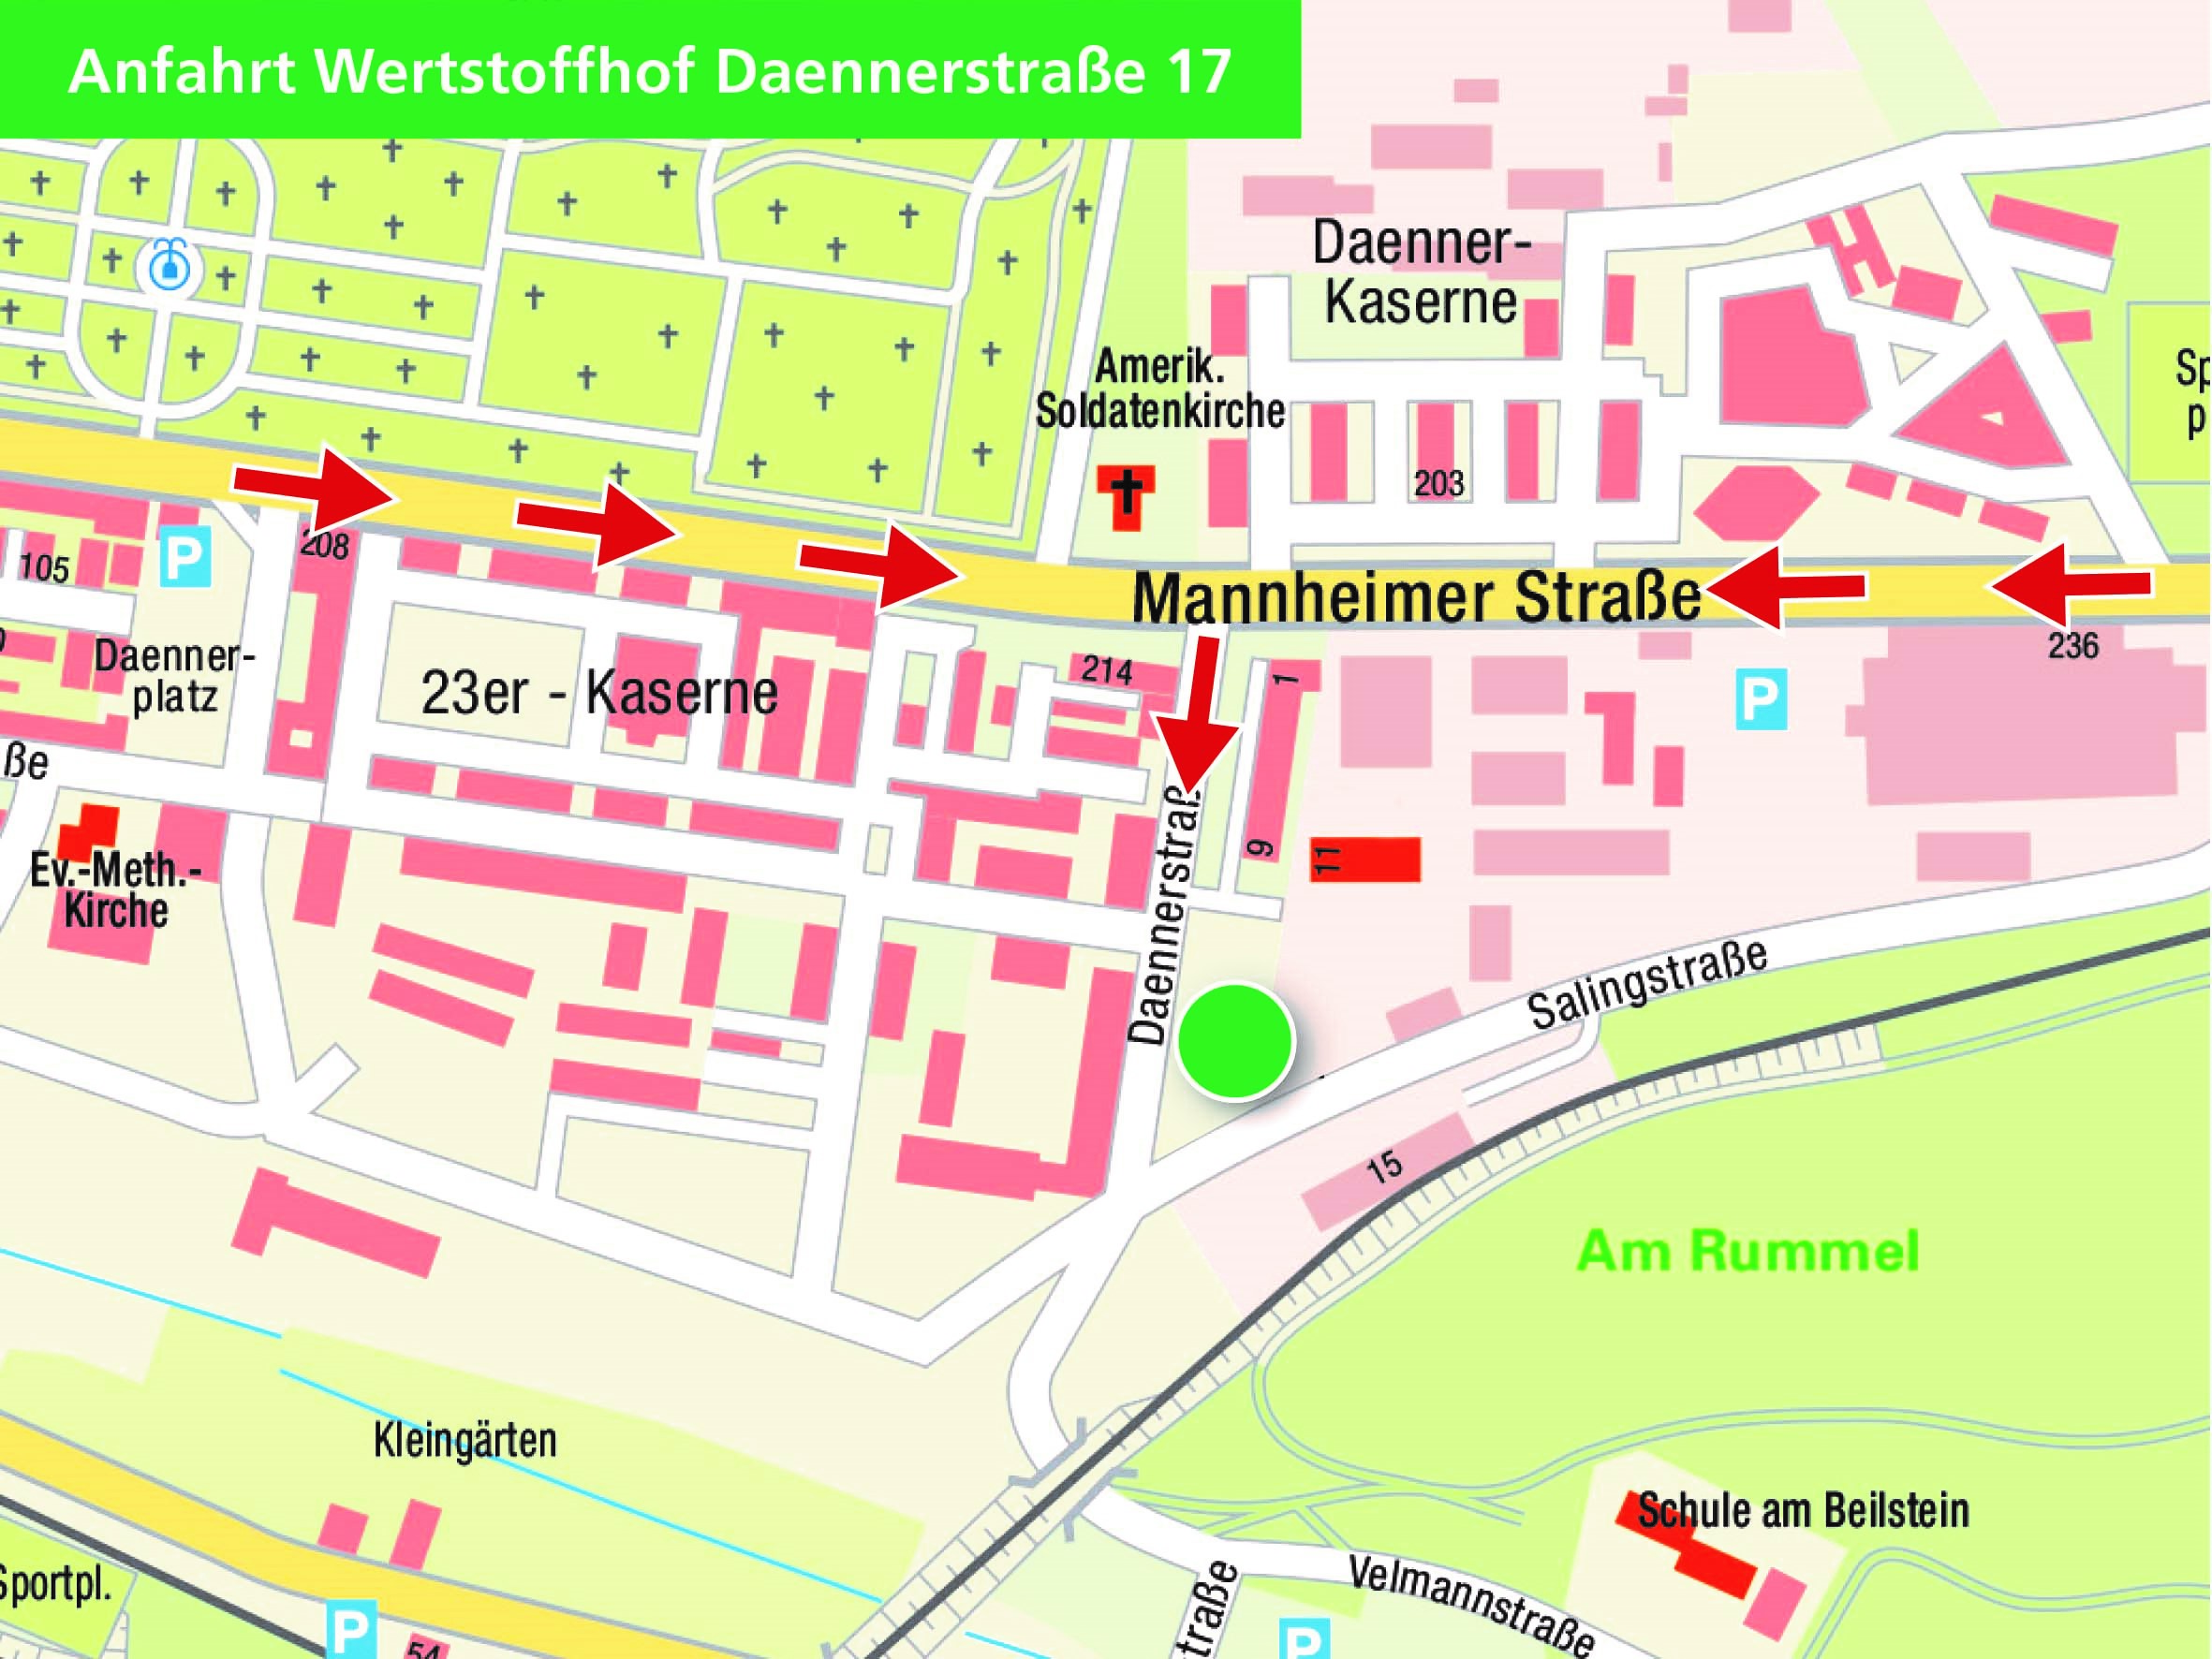 Wertstoffhof in der Daennerstraße öffnet ab dem 27. April